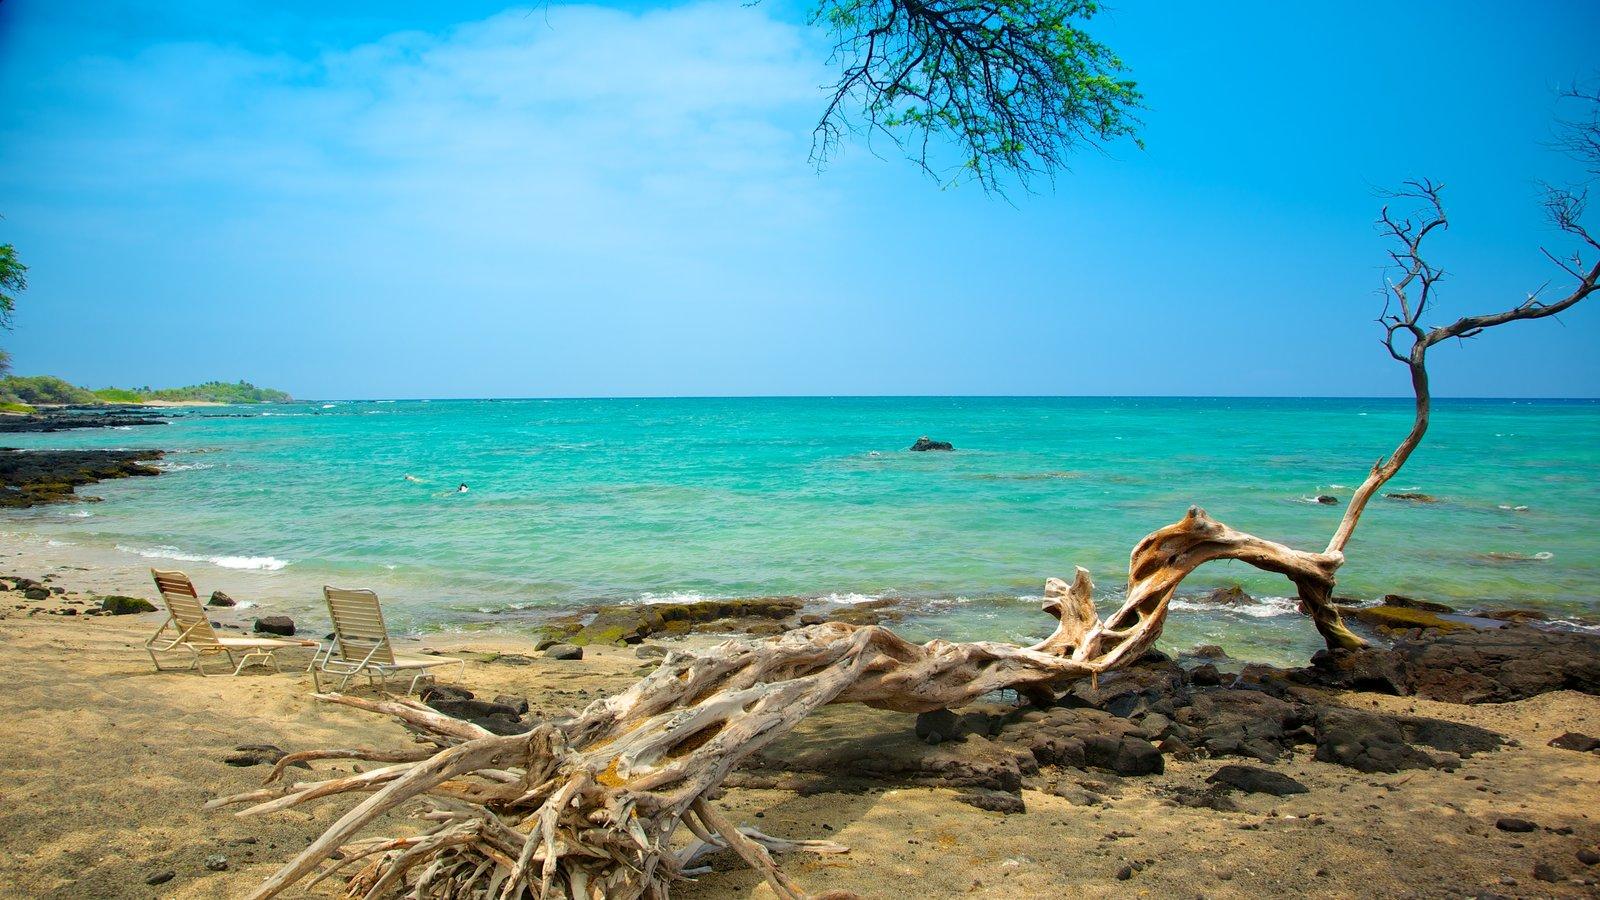 Hawai ofreciendo vistas de paisajes, escenas tropicales y una playa de arena